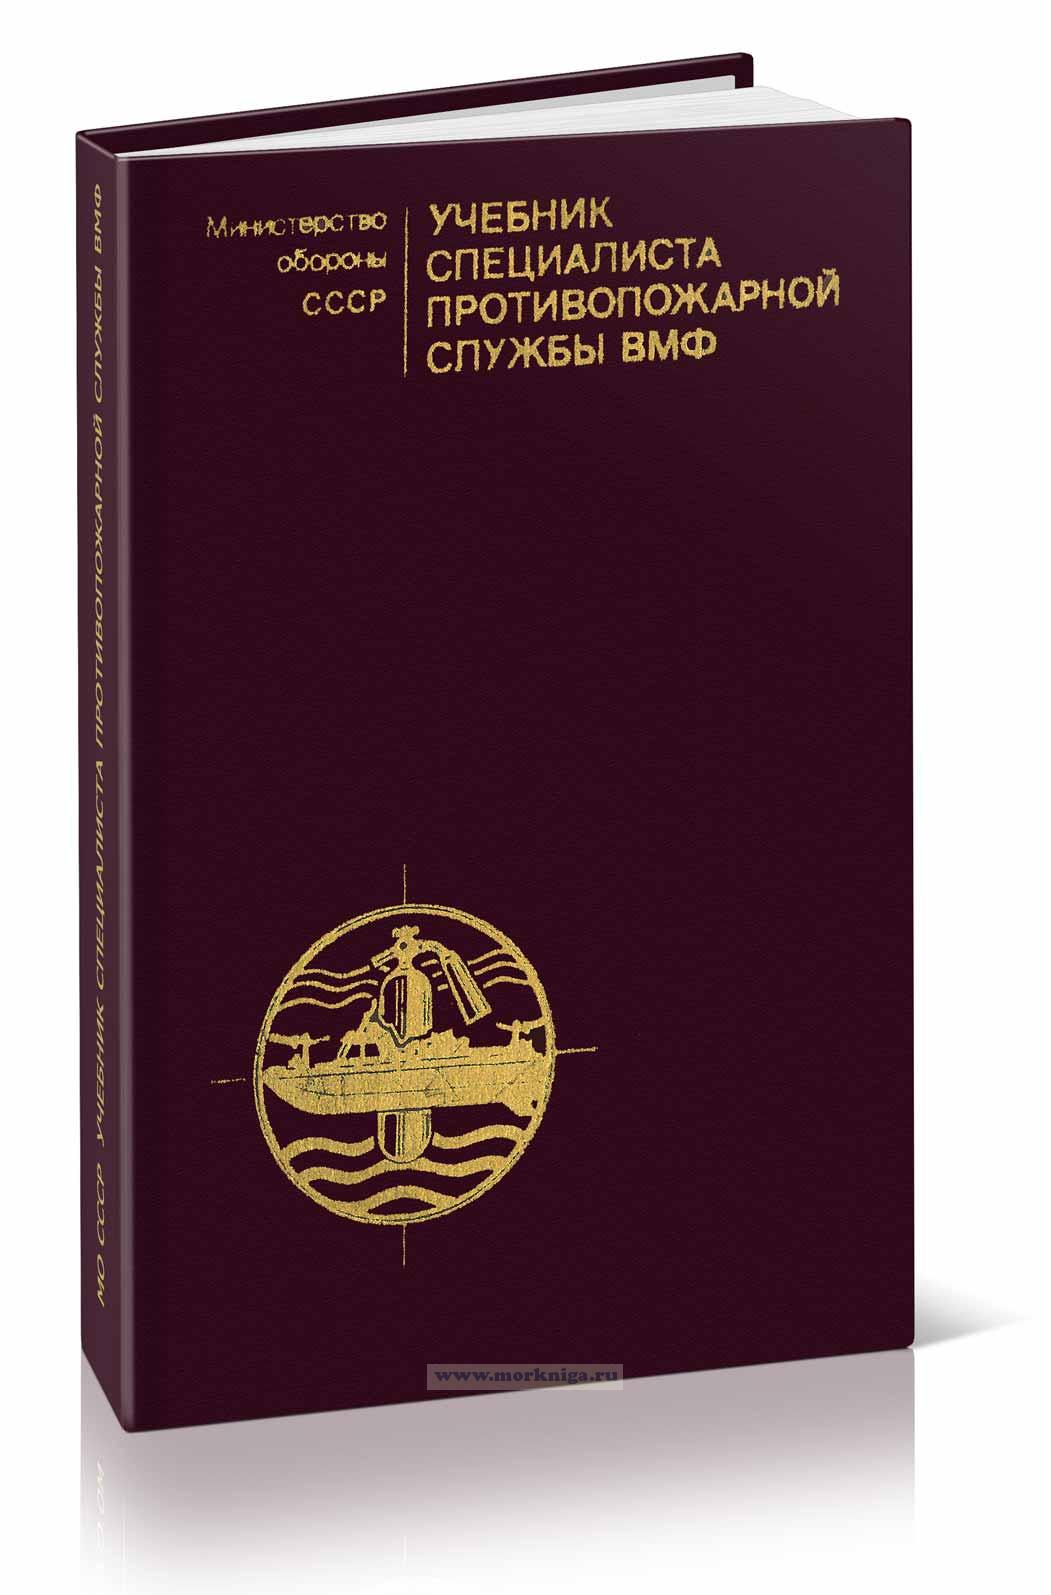 Учебник специалиста противопожарной службы ВМФ